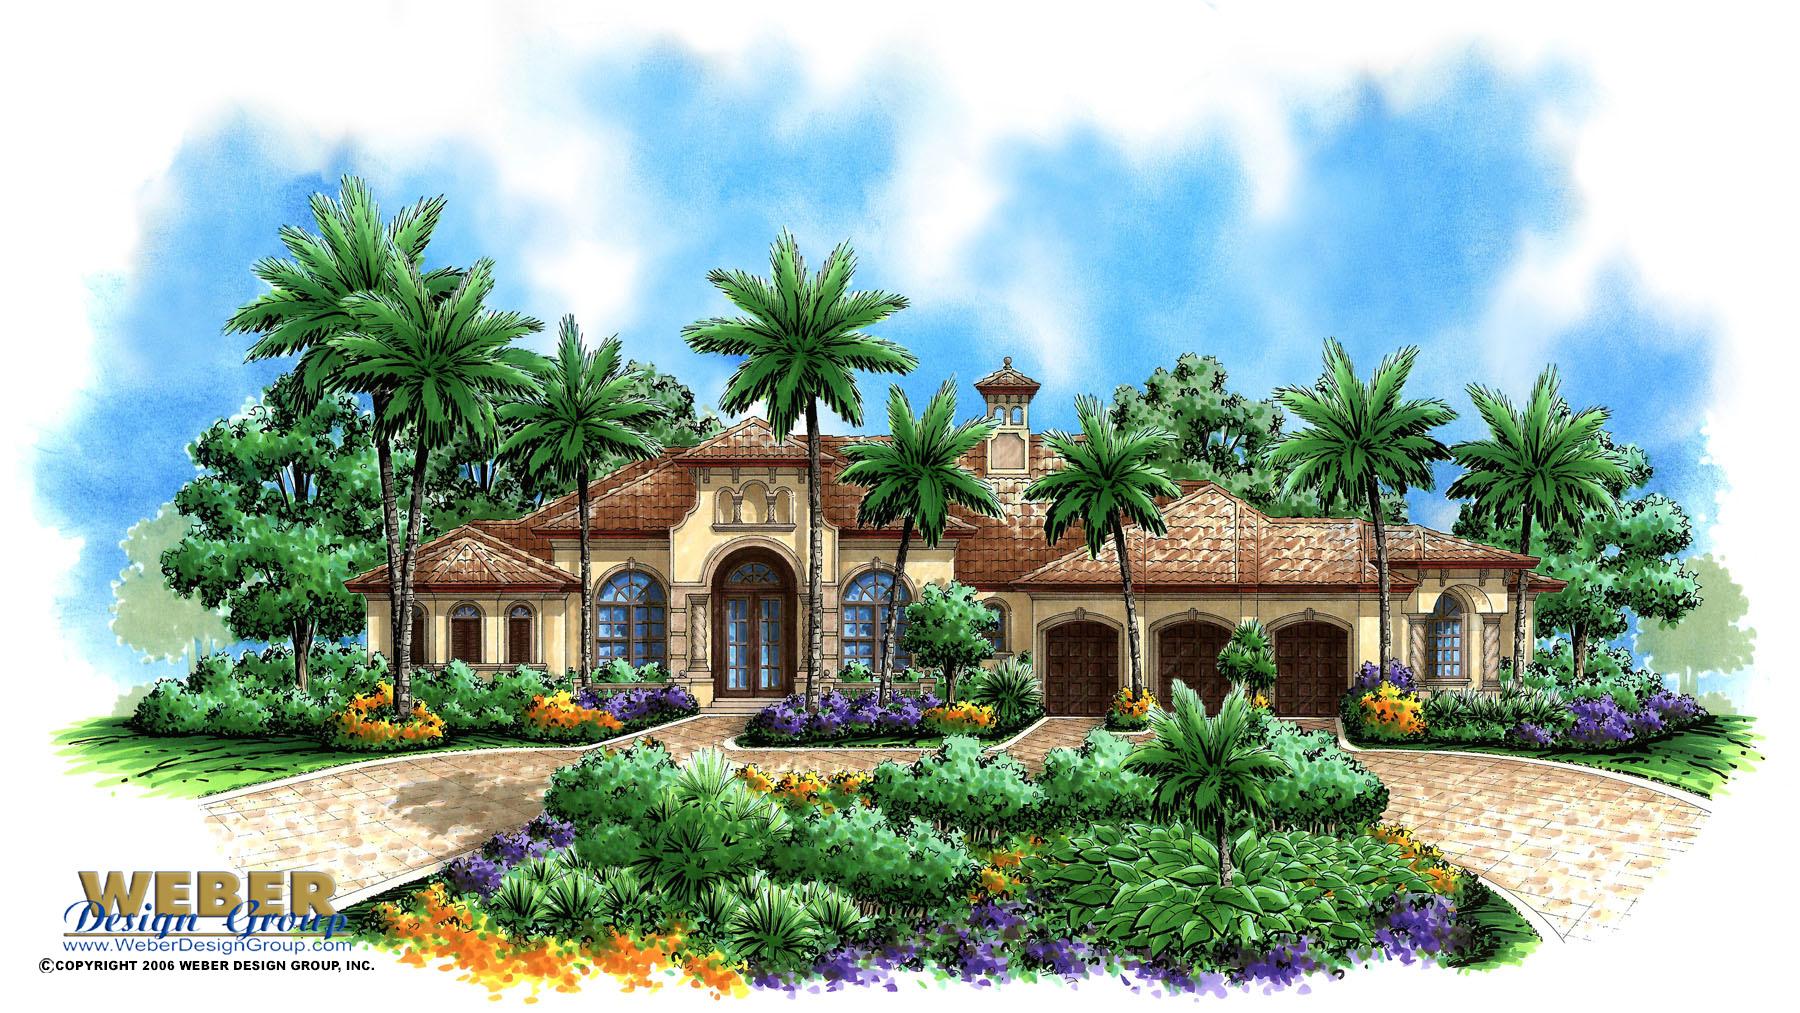 Mediterra house plan weber design group naples fl for Weber design